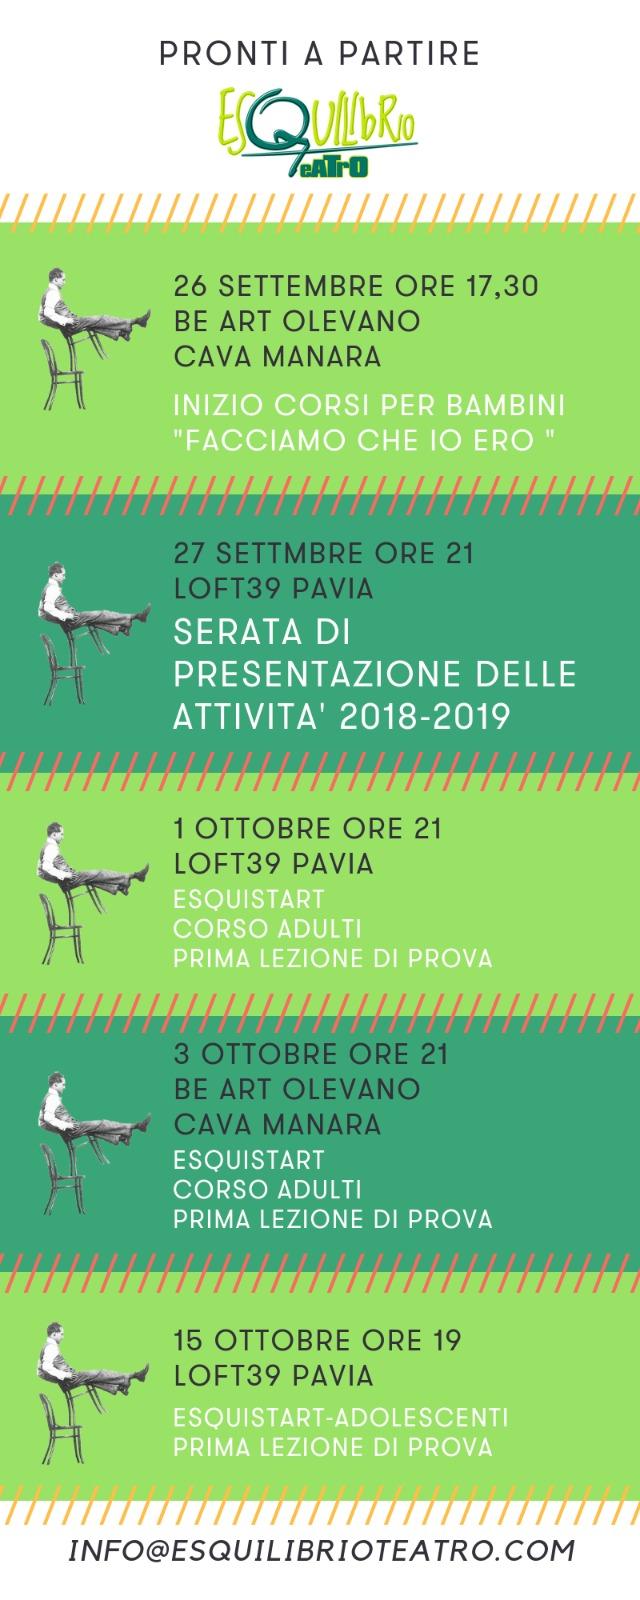 Esquilibrio Teatro autunno 2018 - Pavia e Cava Manara